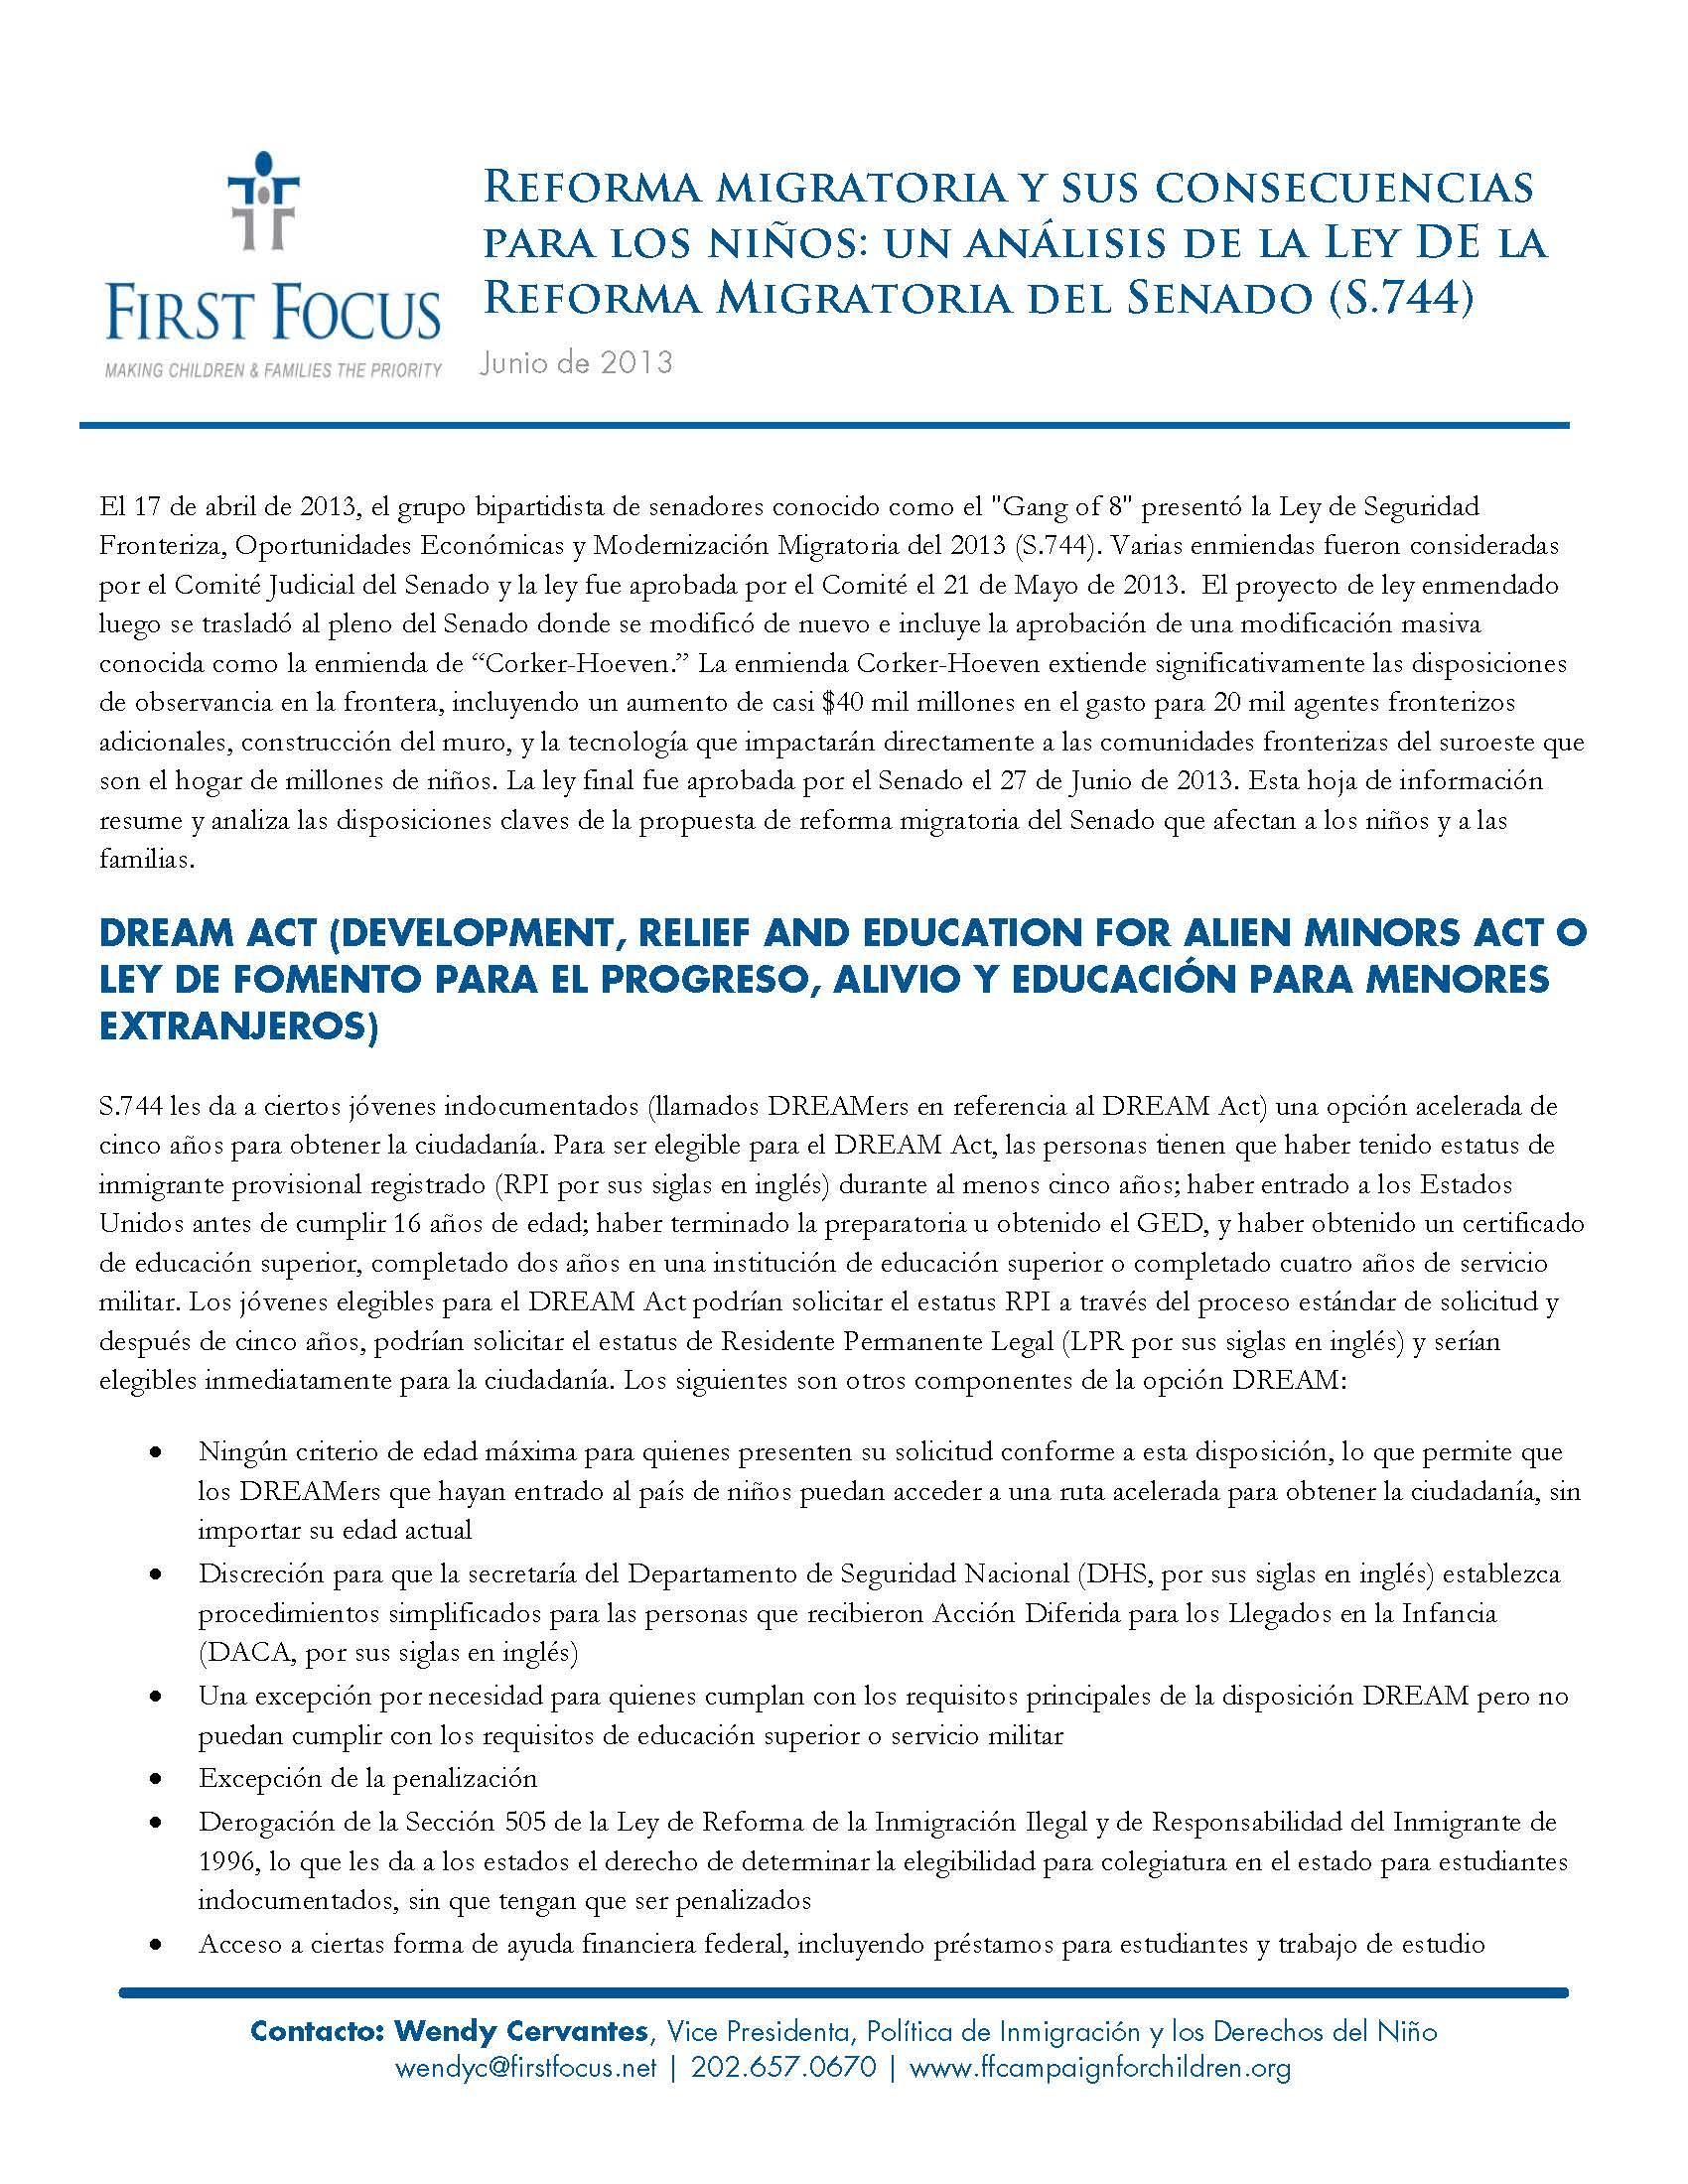 Reforma Migratoria y sus Consecuencias para los Niños_Page_1